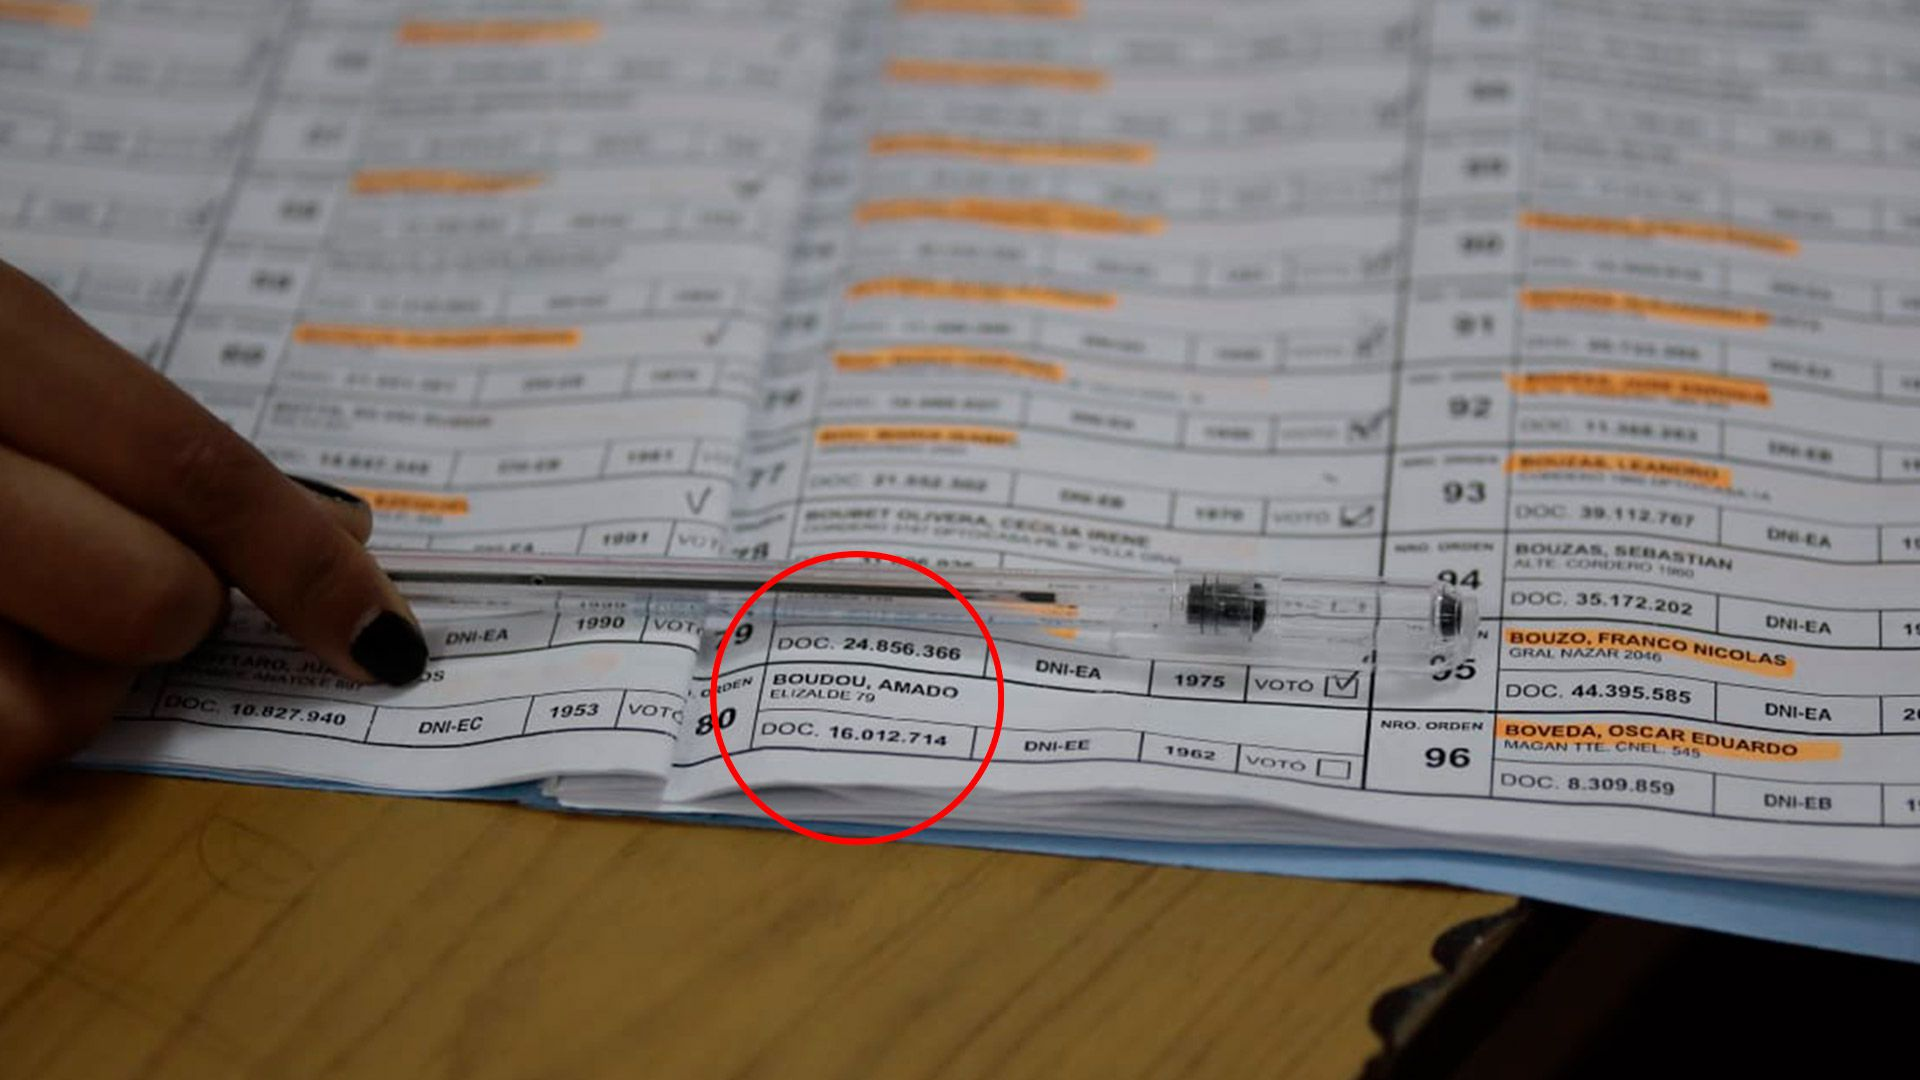 amado boudou elecciones PASO 2021